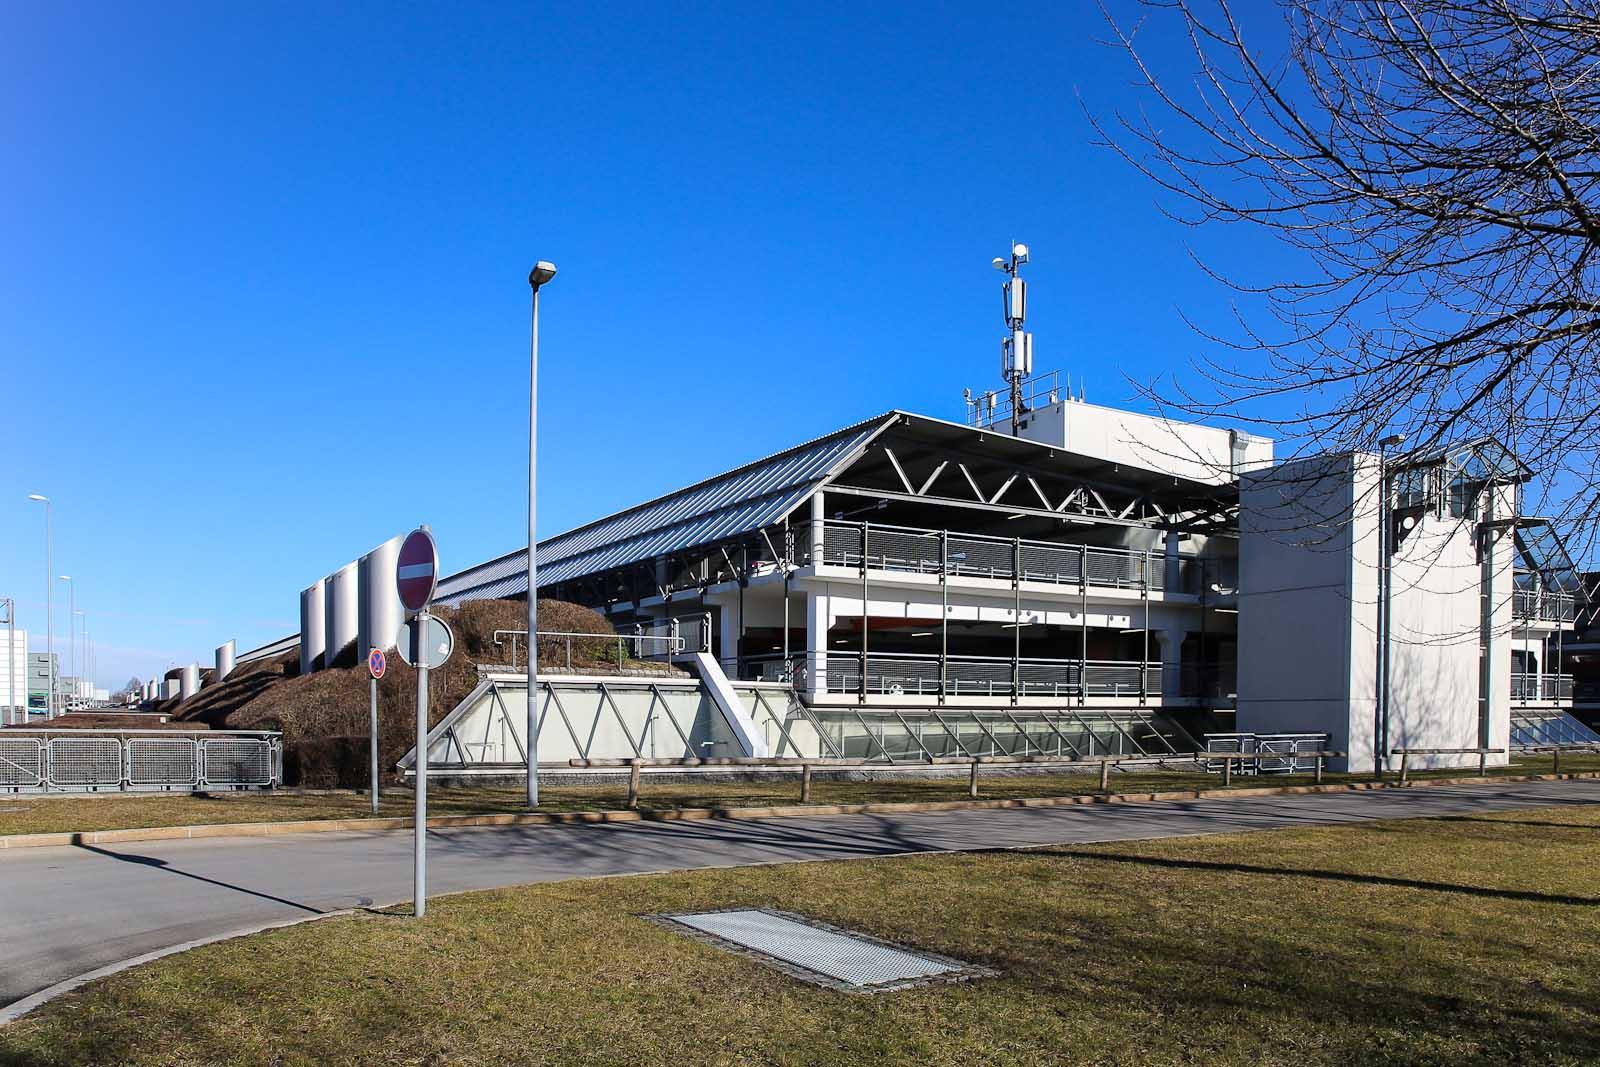 Автомобильная парковка рядом с Терминалом 1 аэропорта Мюнхен